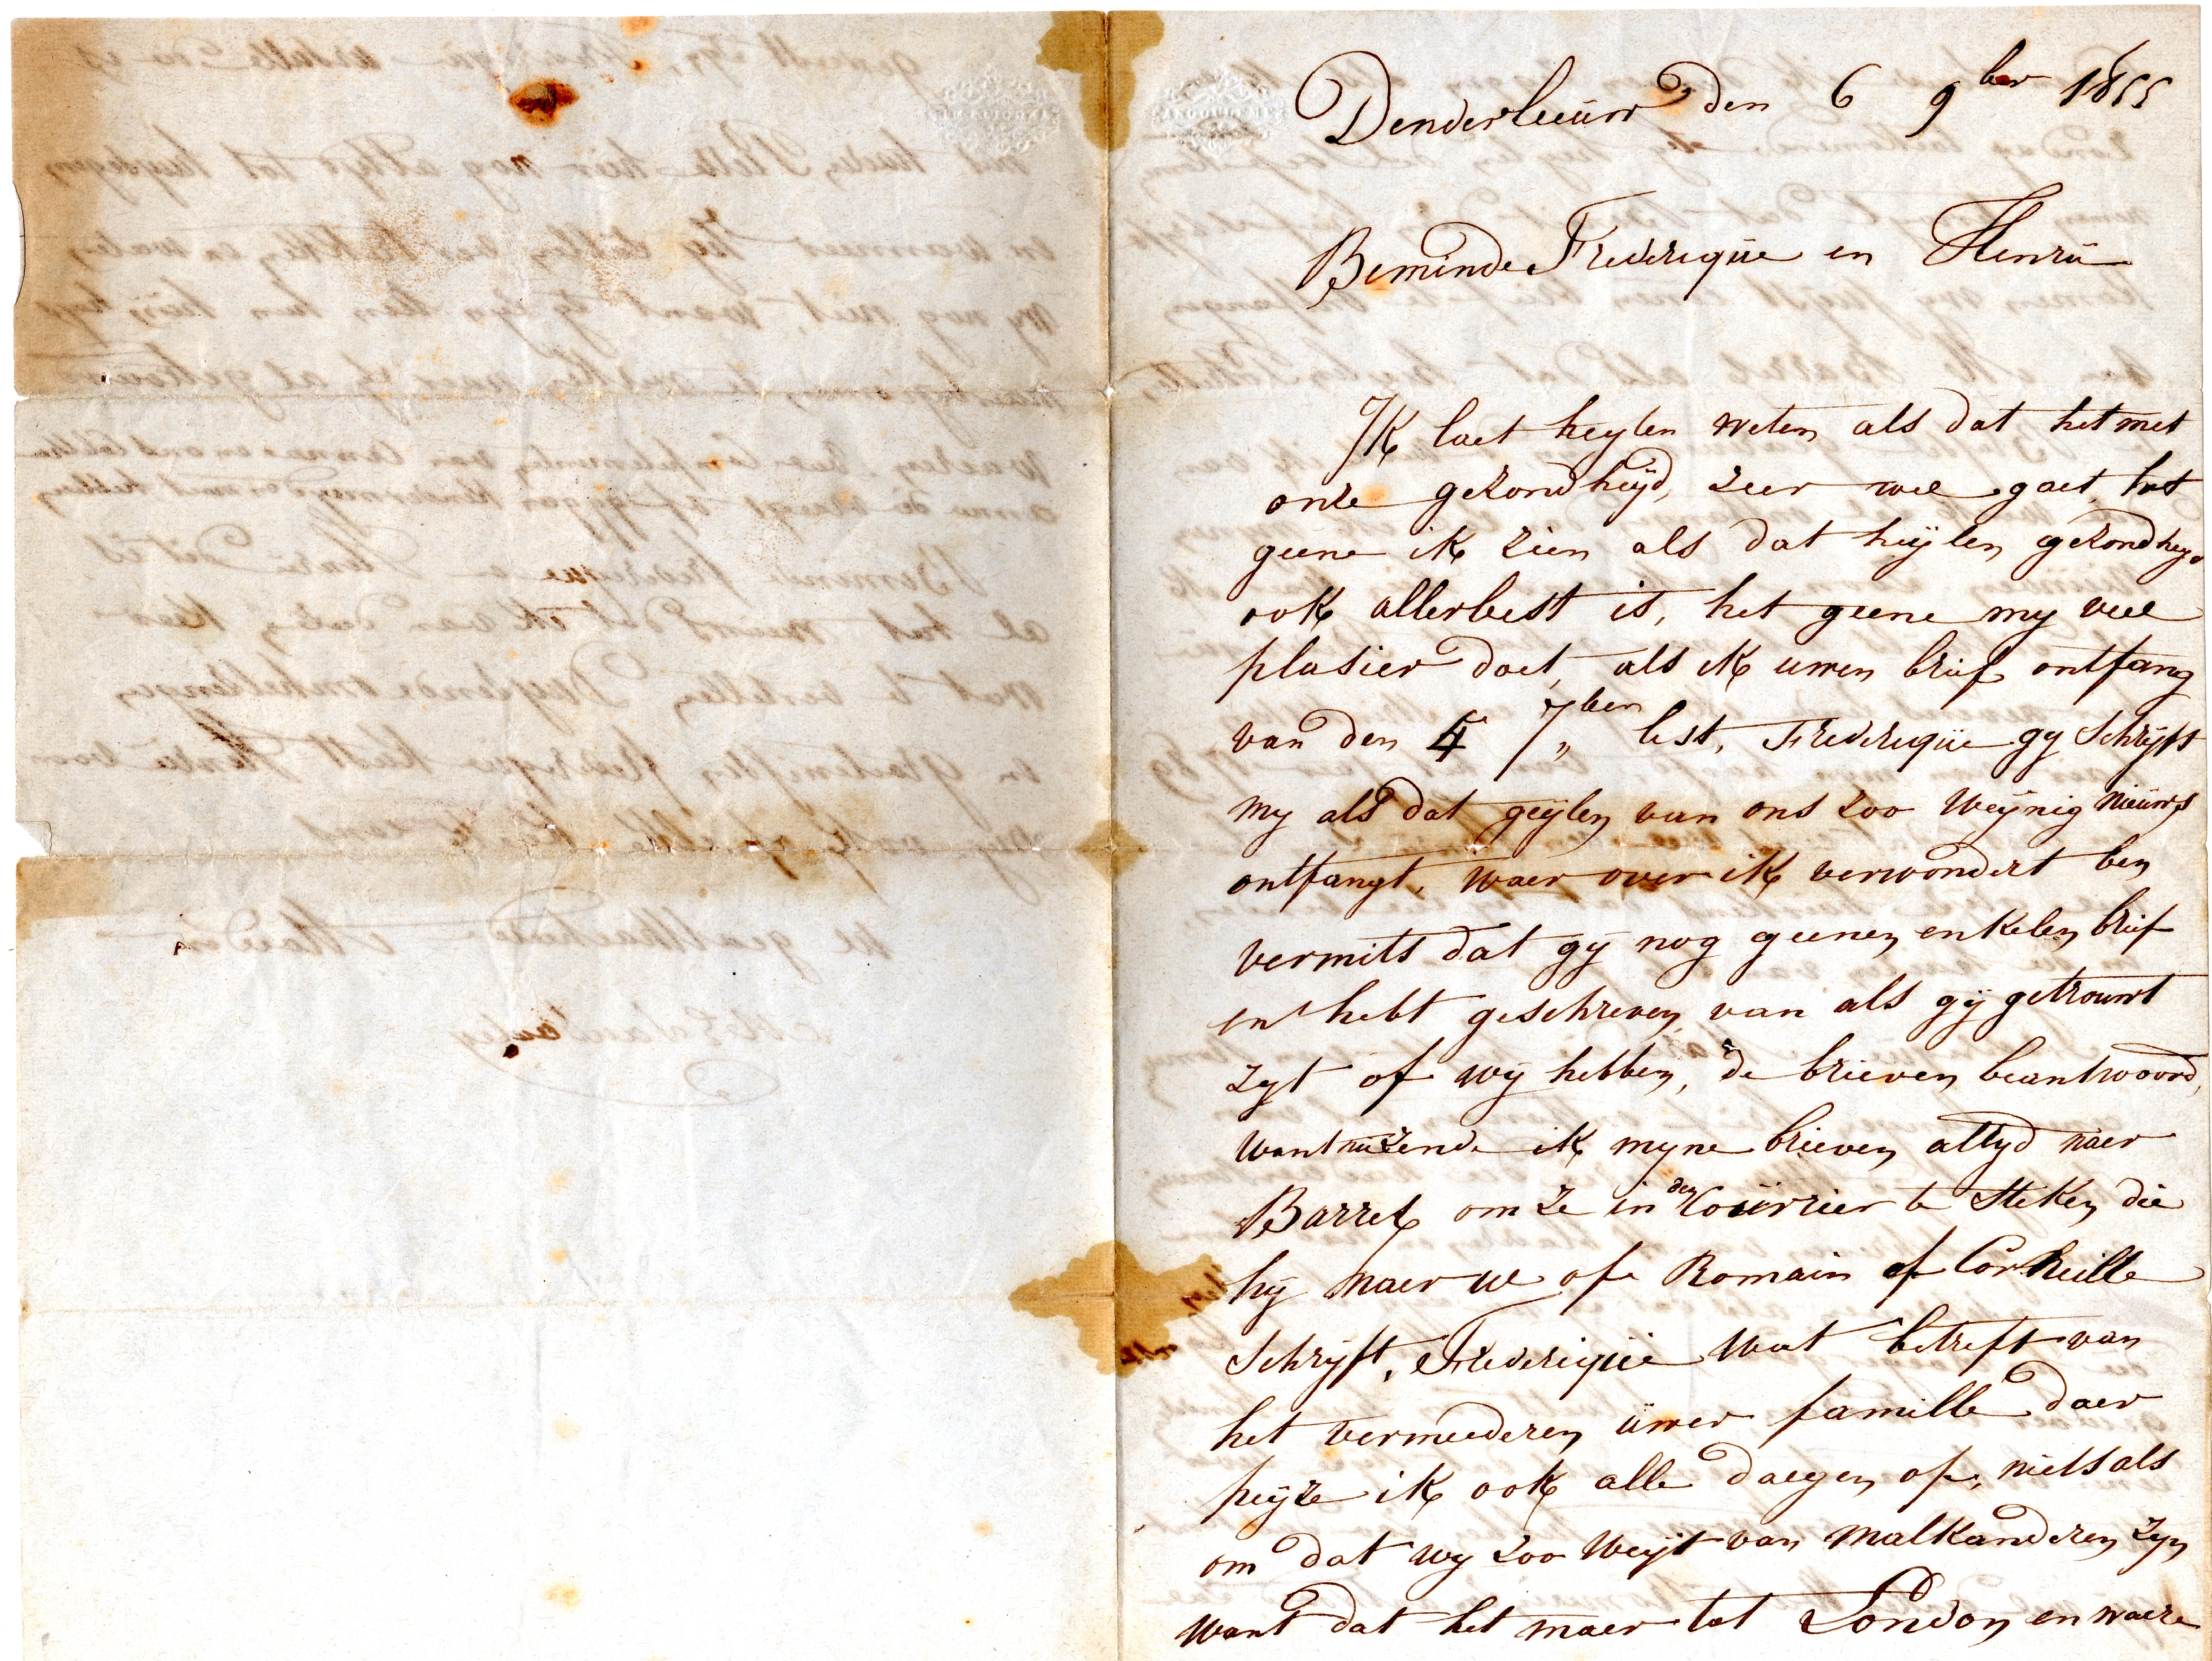 Elisabeth-Van-Santen_letter-1855_p1